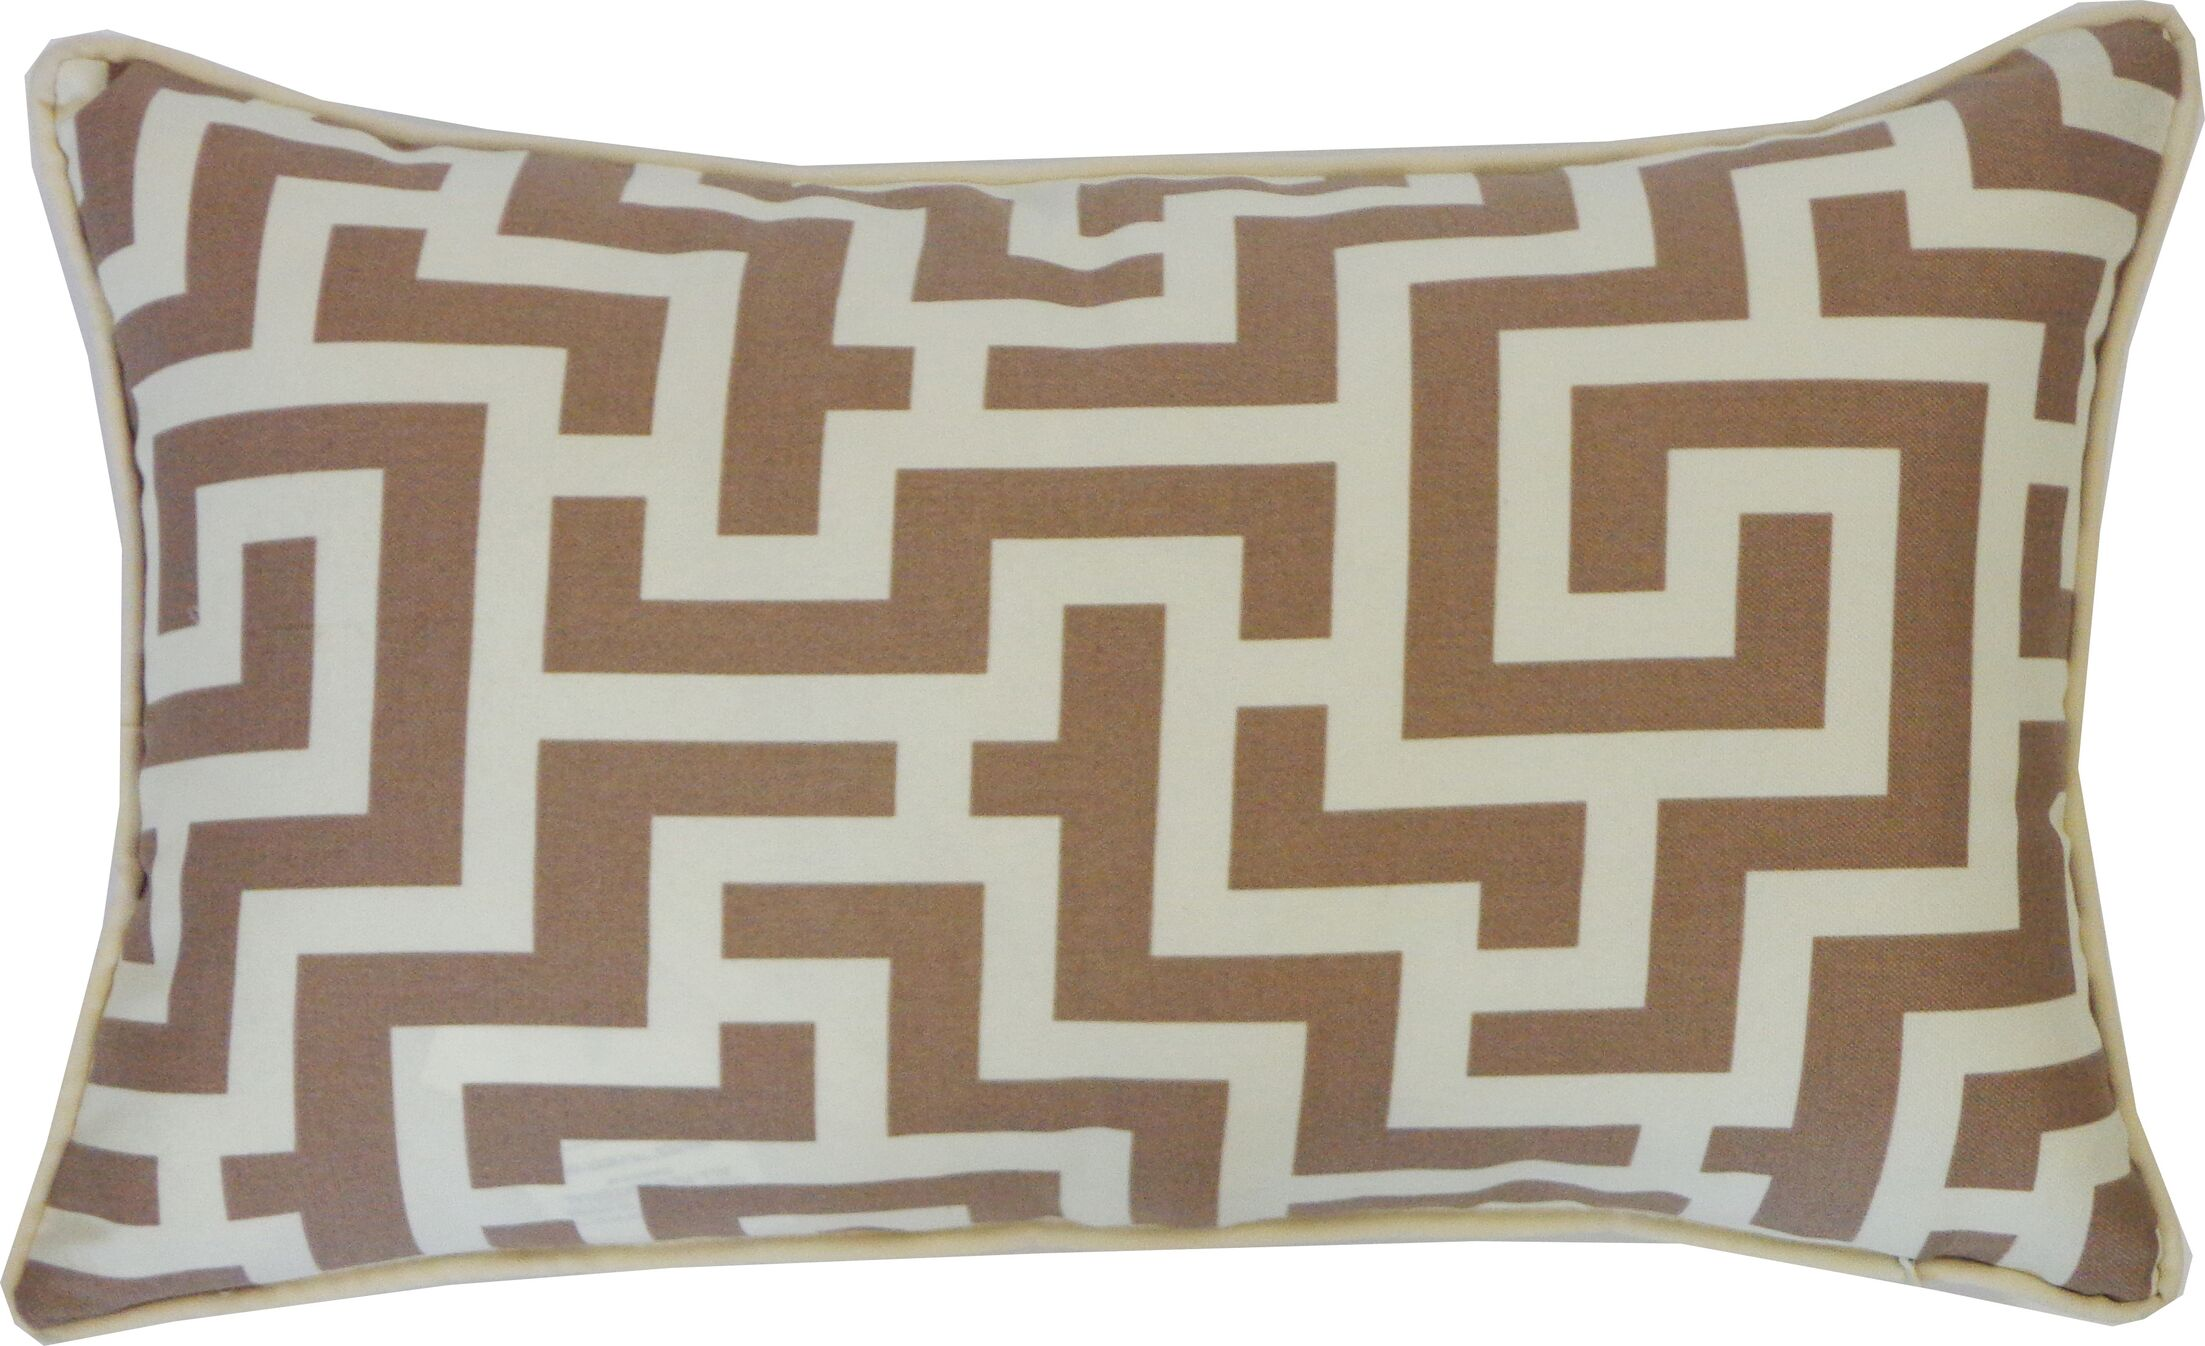 Etch Cotton Lumbar Pillow Color: Taupe